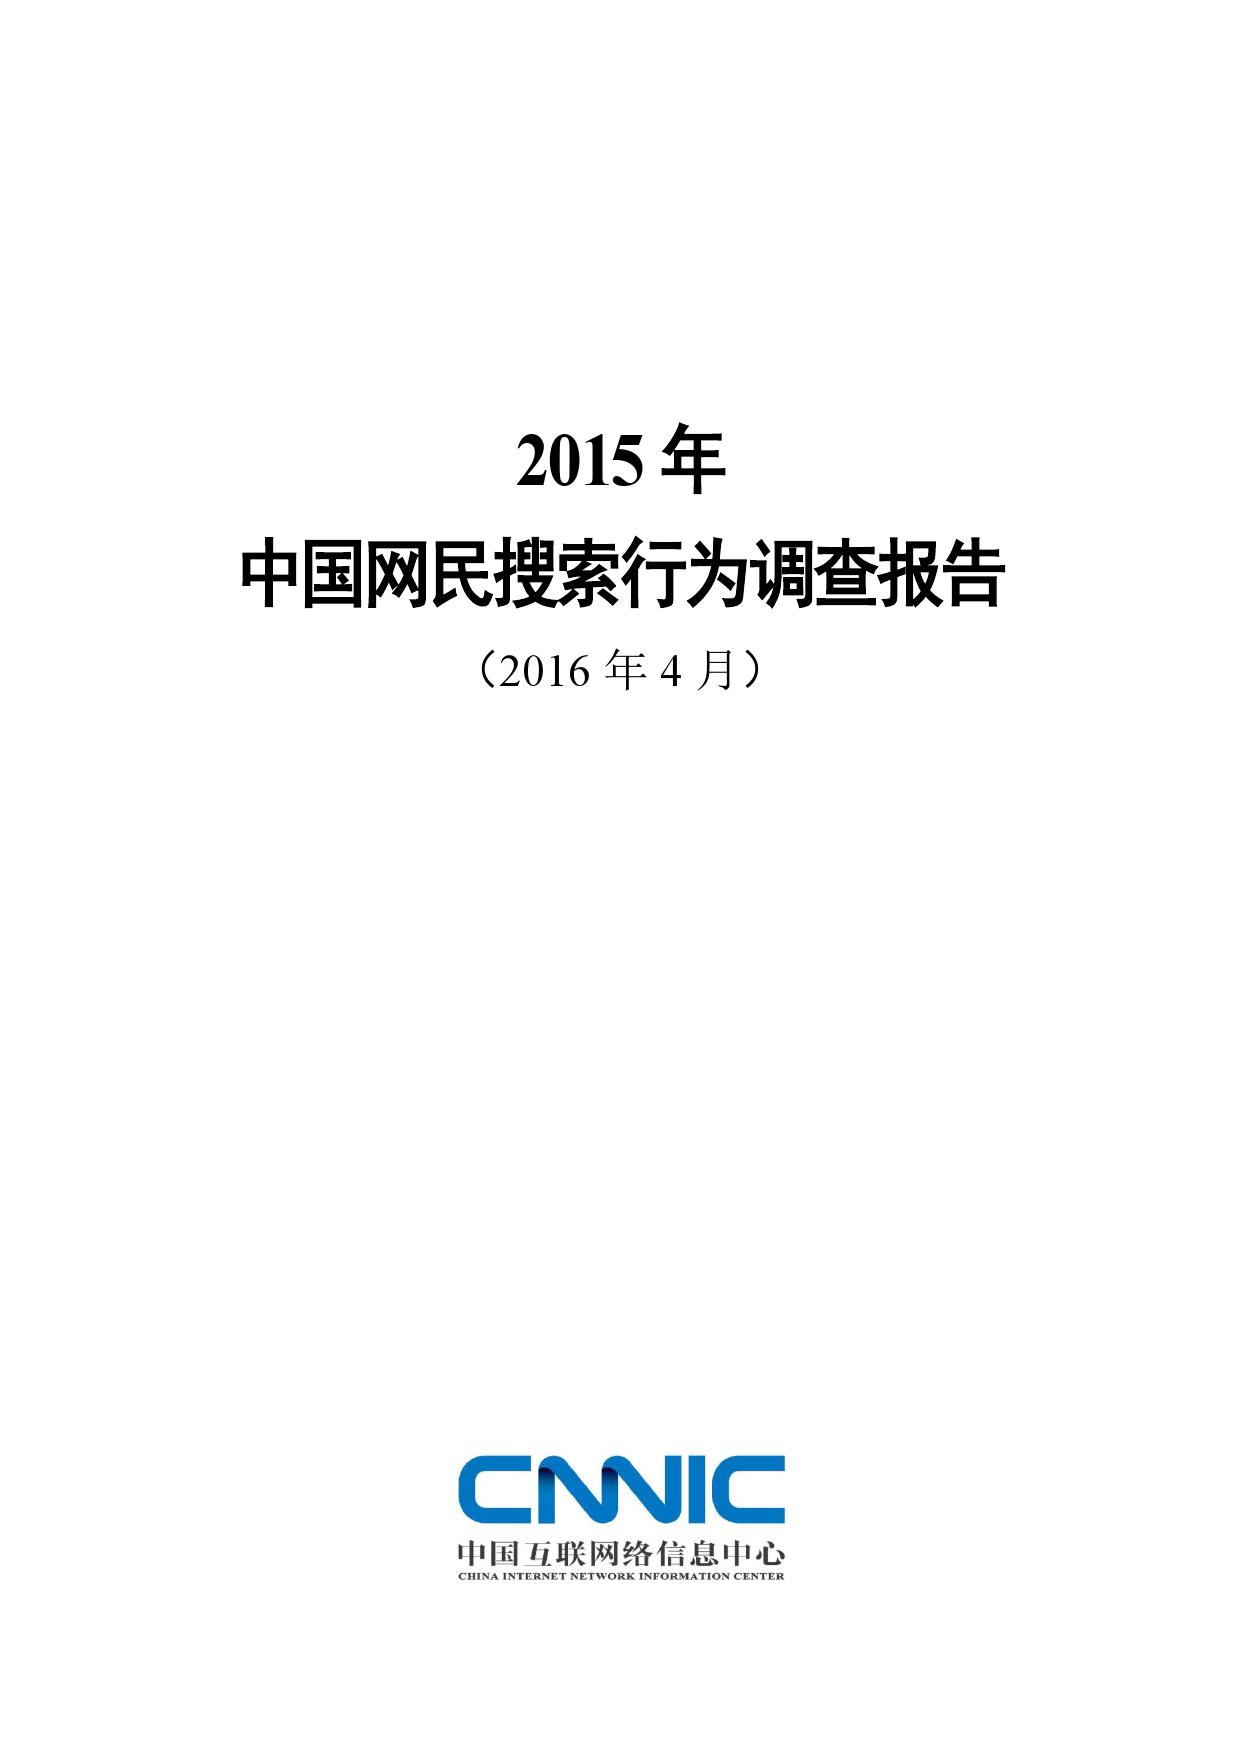 CNNIC:2015年中国网民搜索行为调查_000001